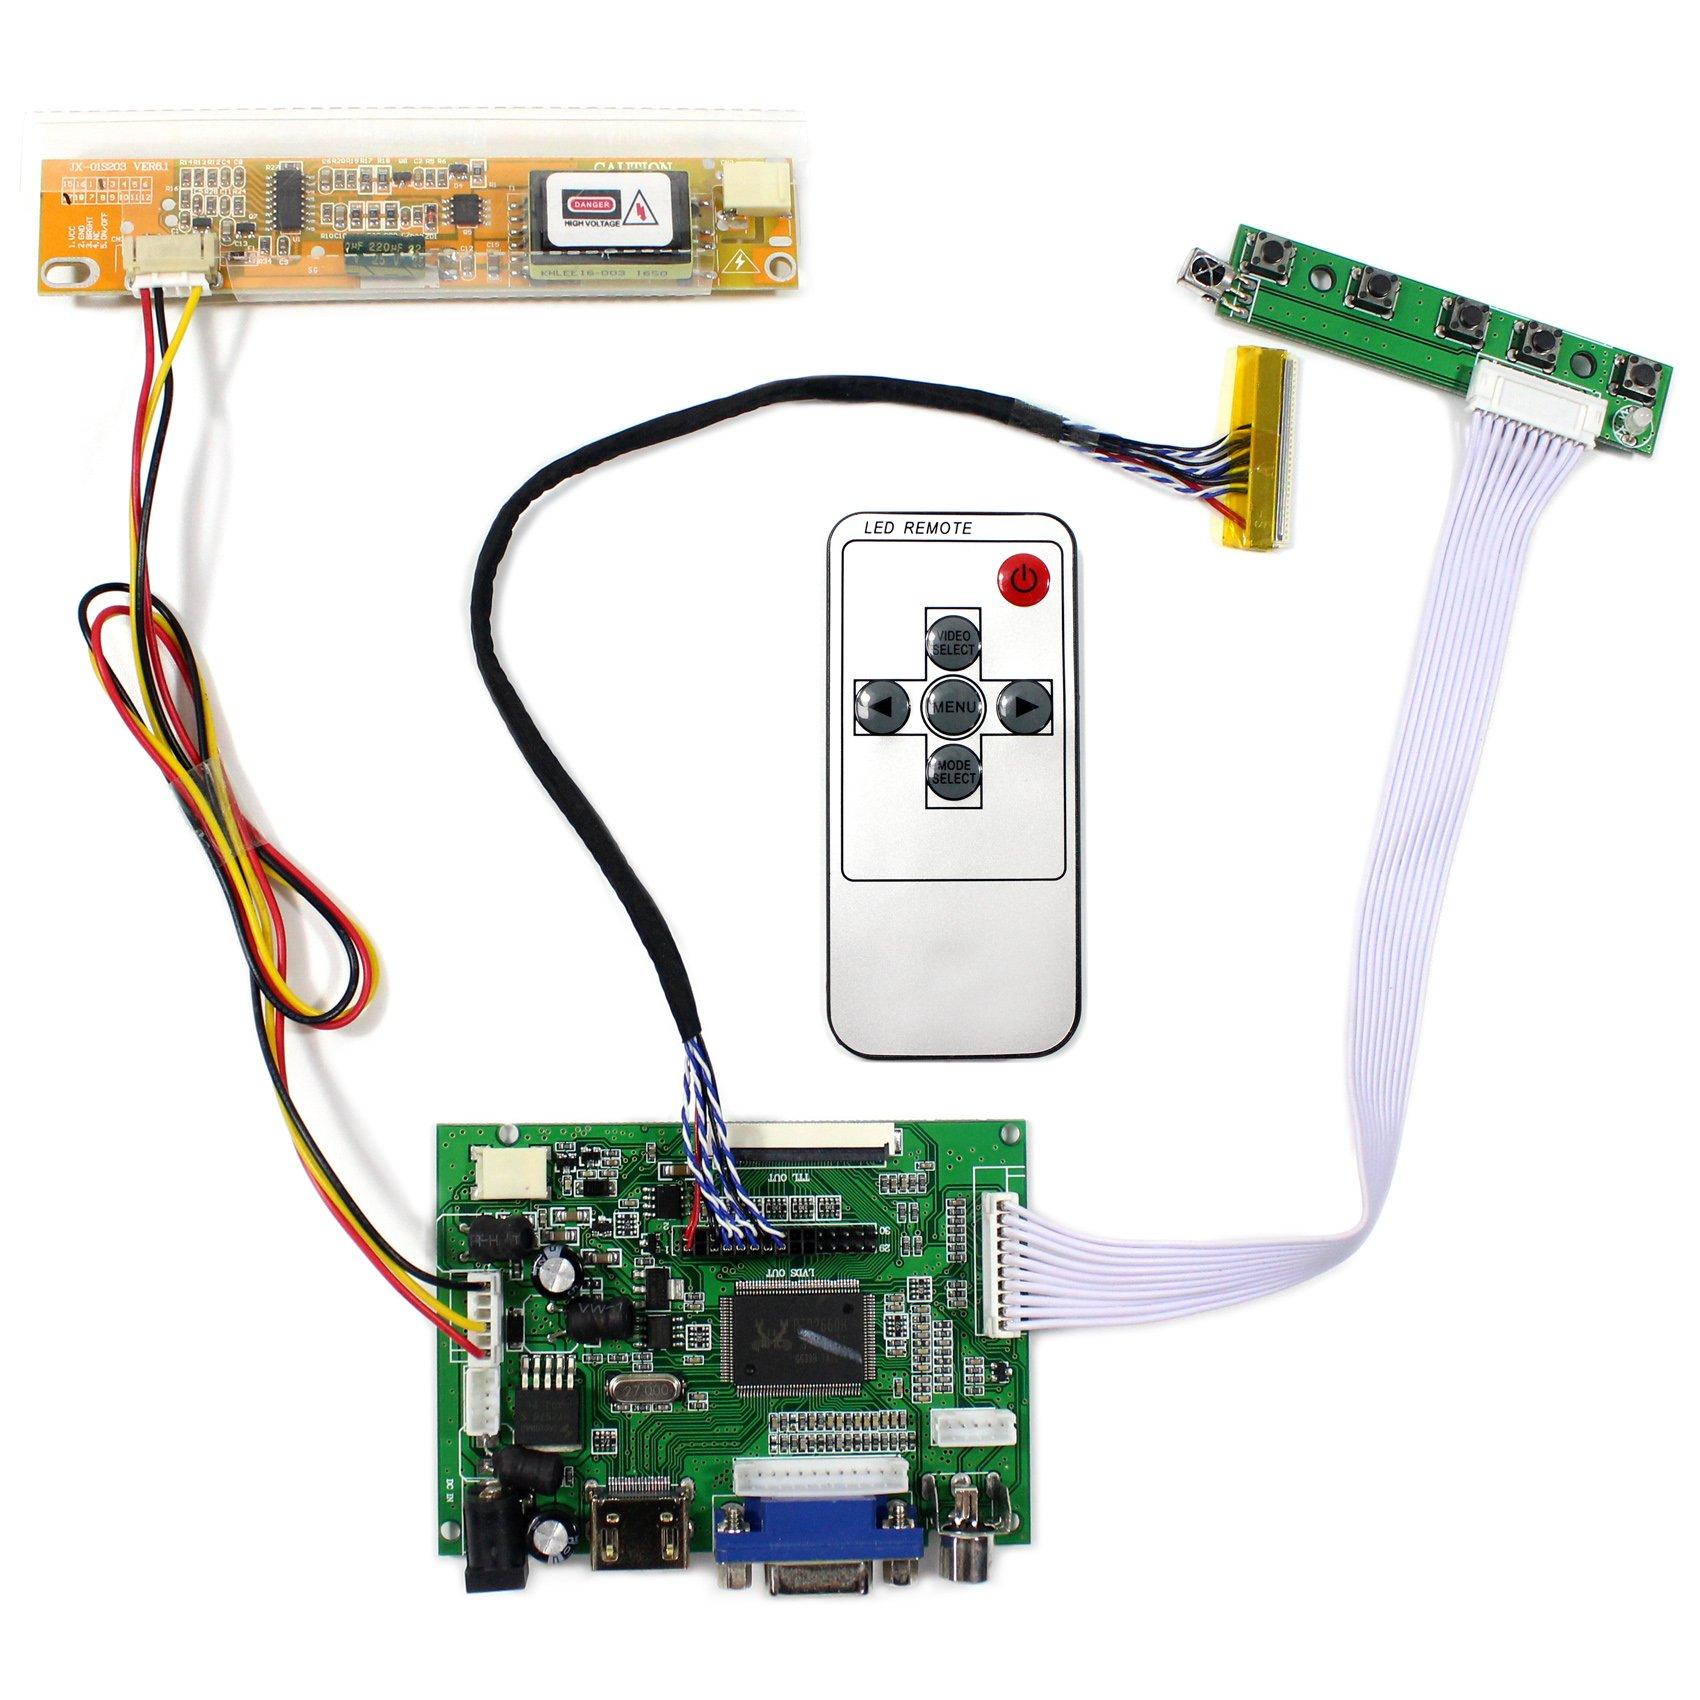 Controladora Lcd Hdmi Vga 14.1 15.4 1280x800 Ltn141at01